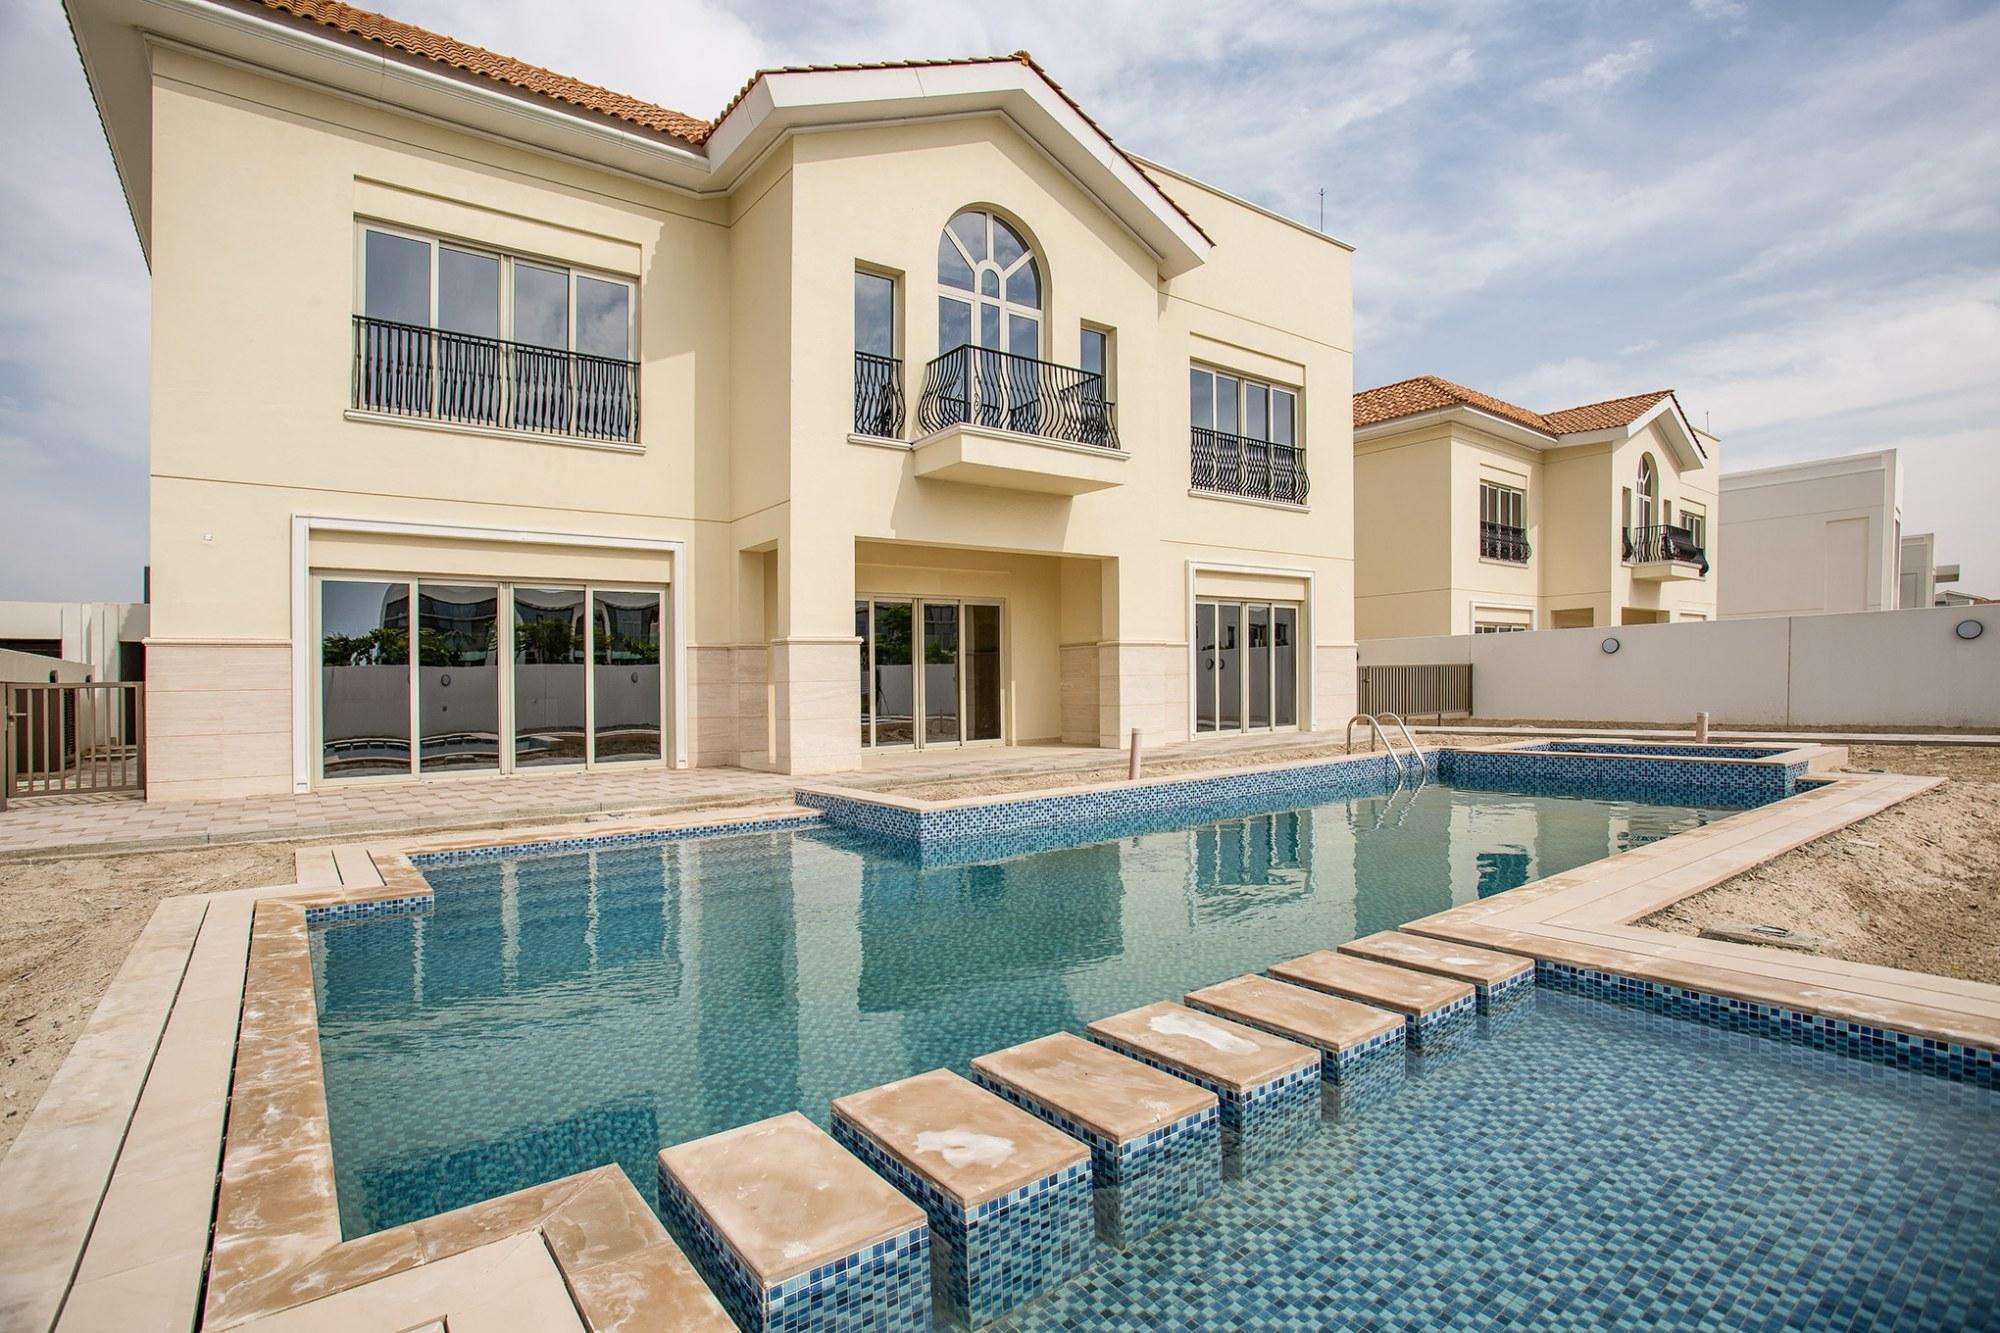 Mediterranean Villa   6BR   Ready in District One